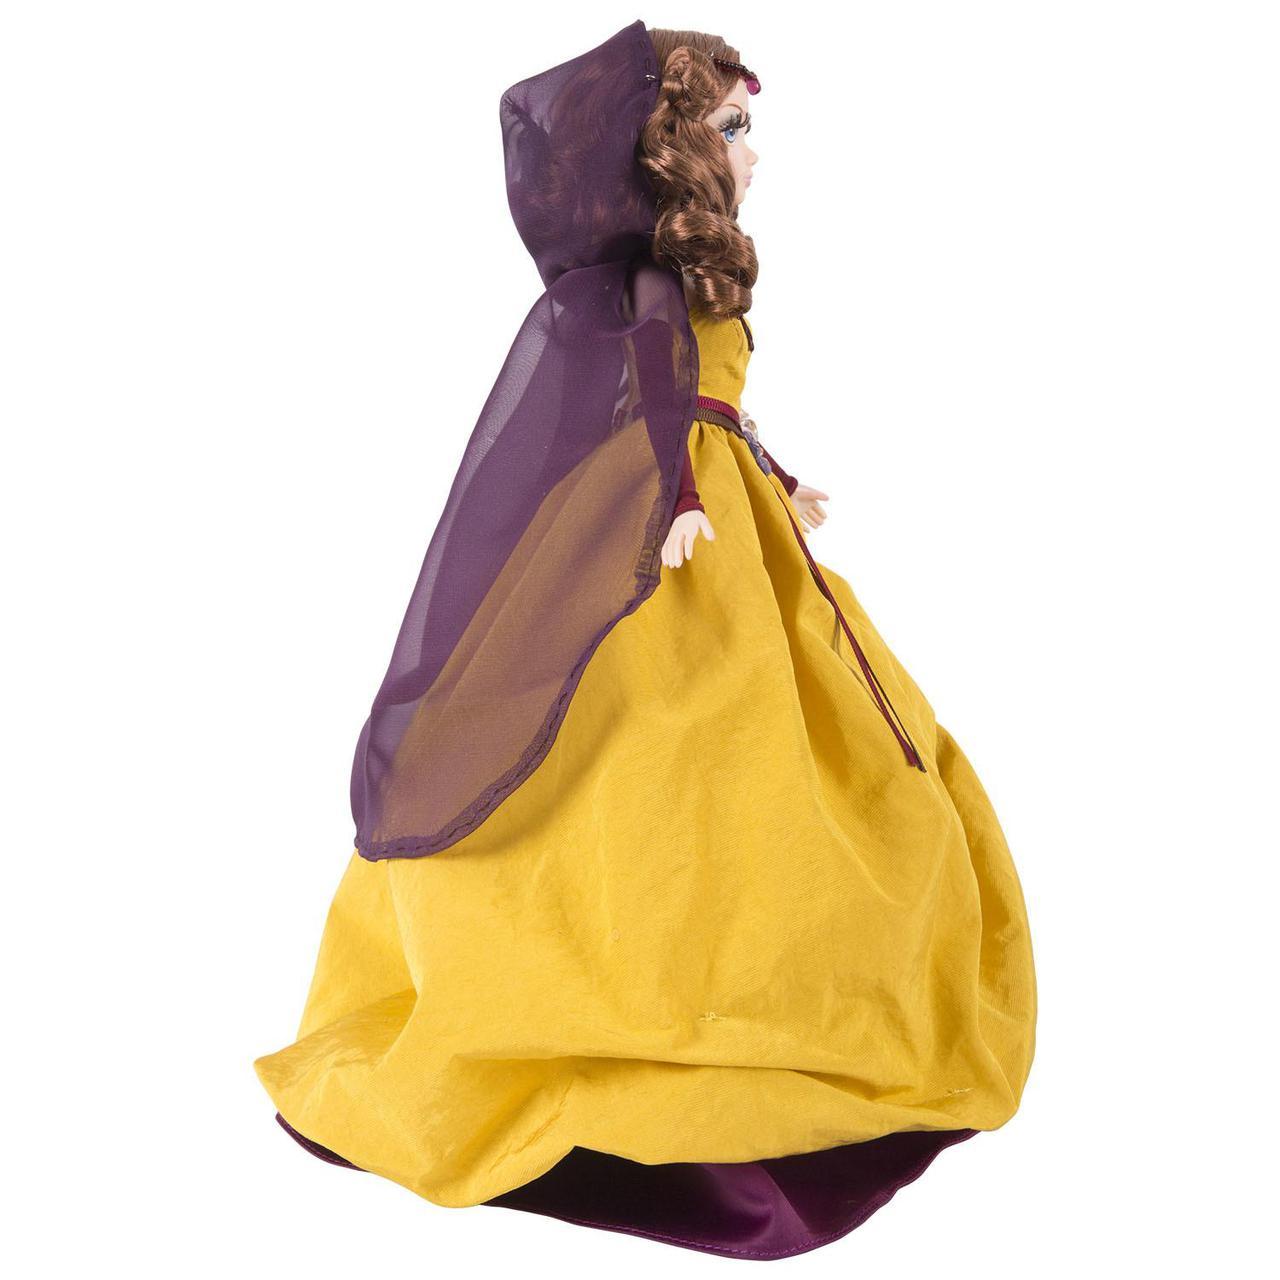 """Кукла Sonya Rose, серия """"Gold collection"""" платье Эльза (Gulliver, Россия) - фото 3"""